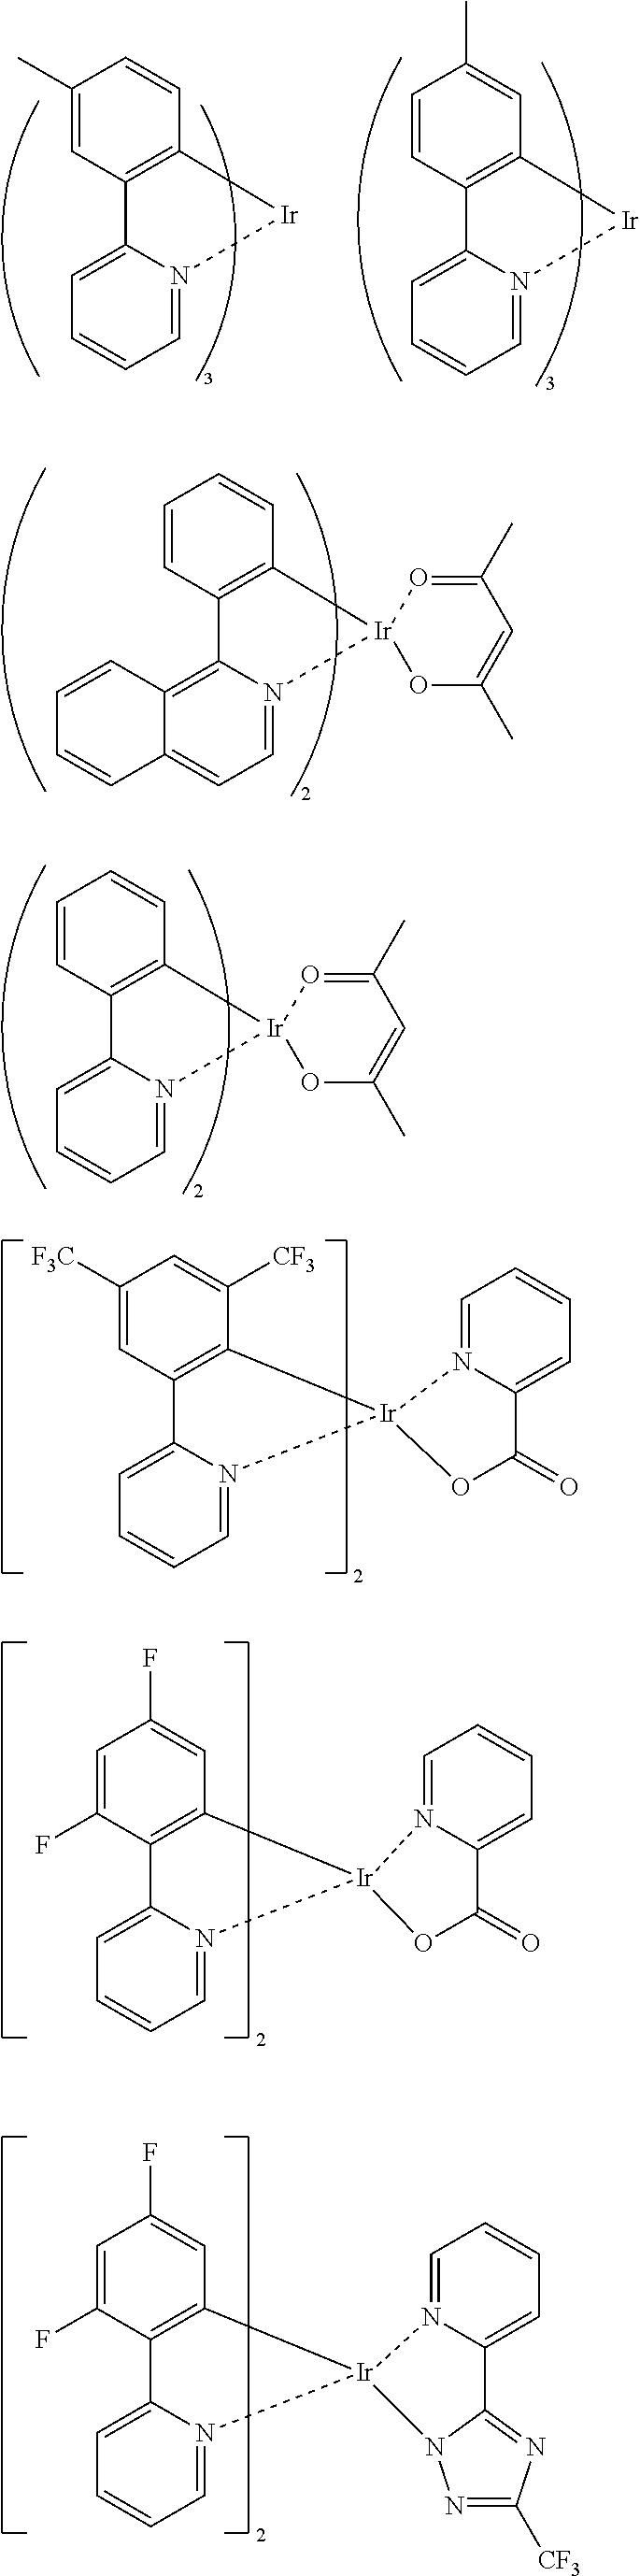 Figure US08779655-20140715-C00016